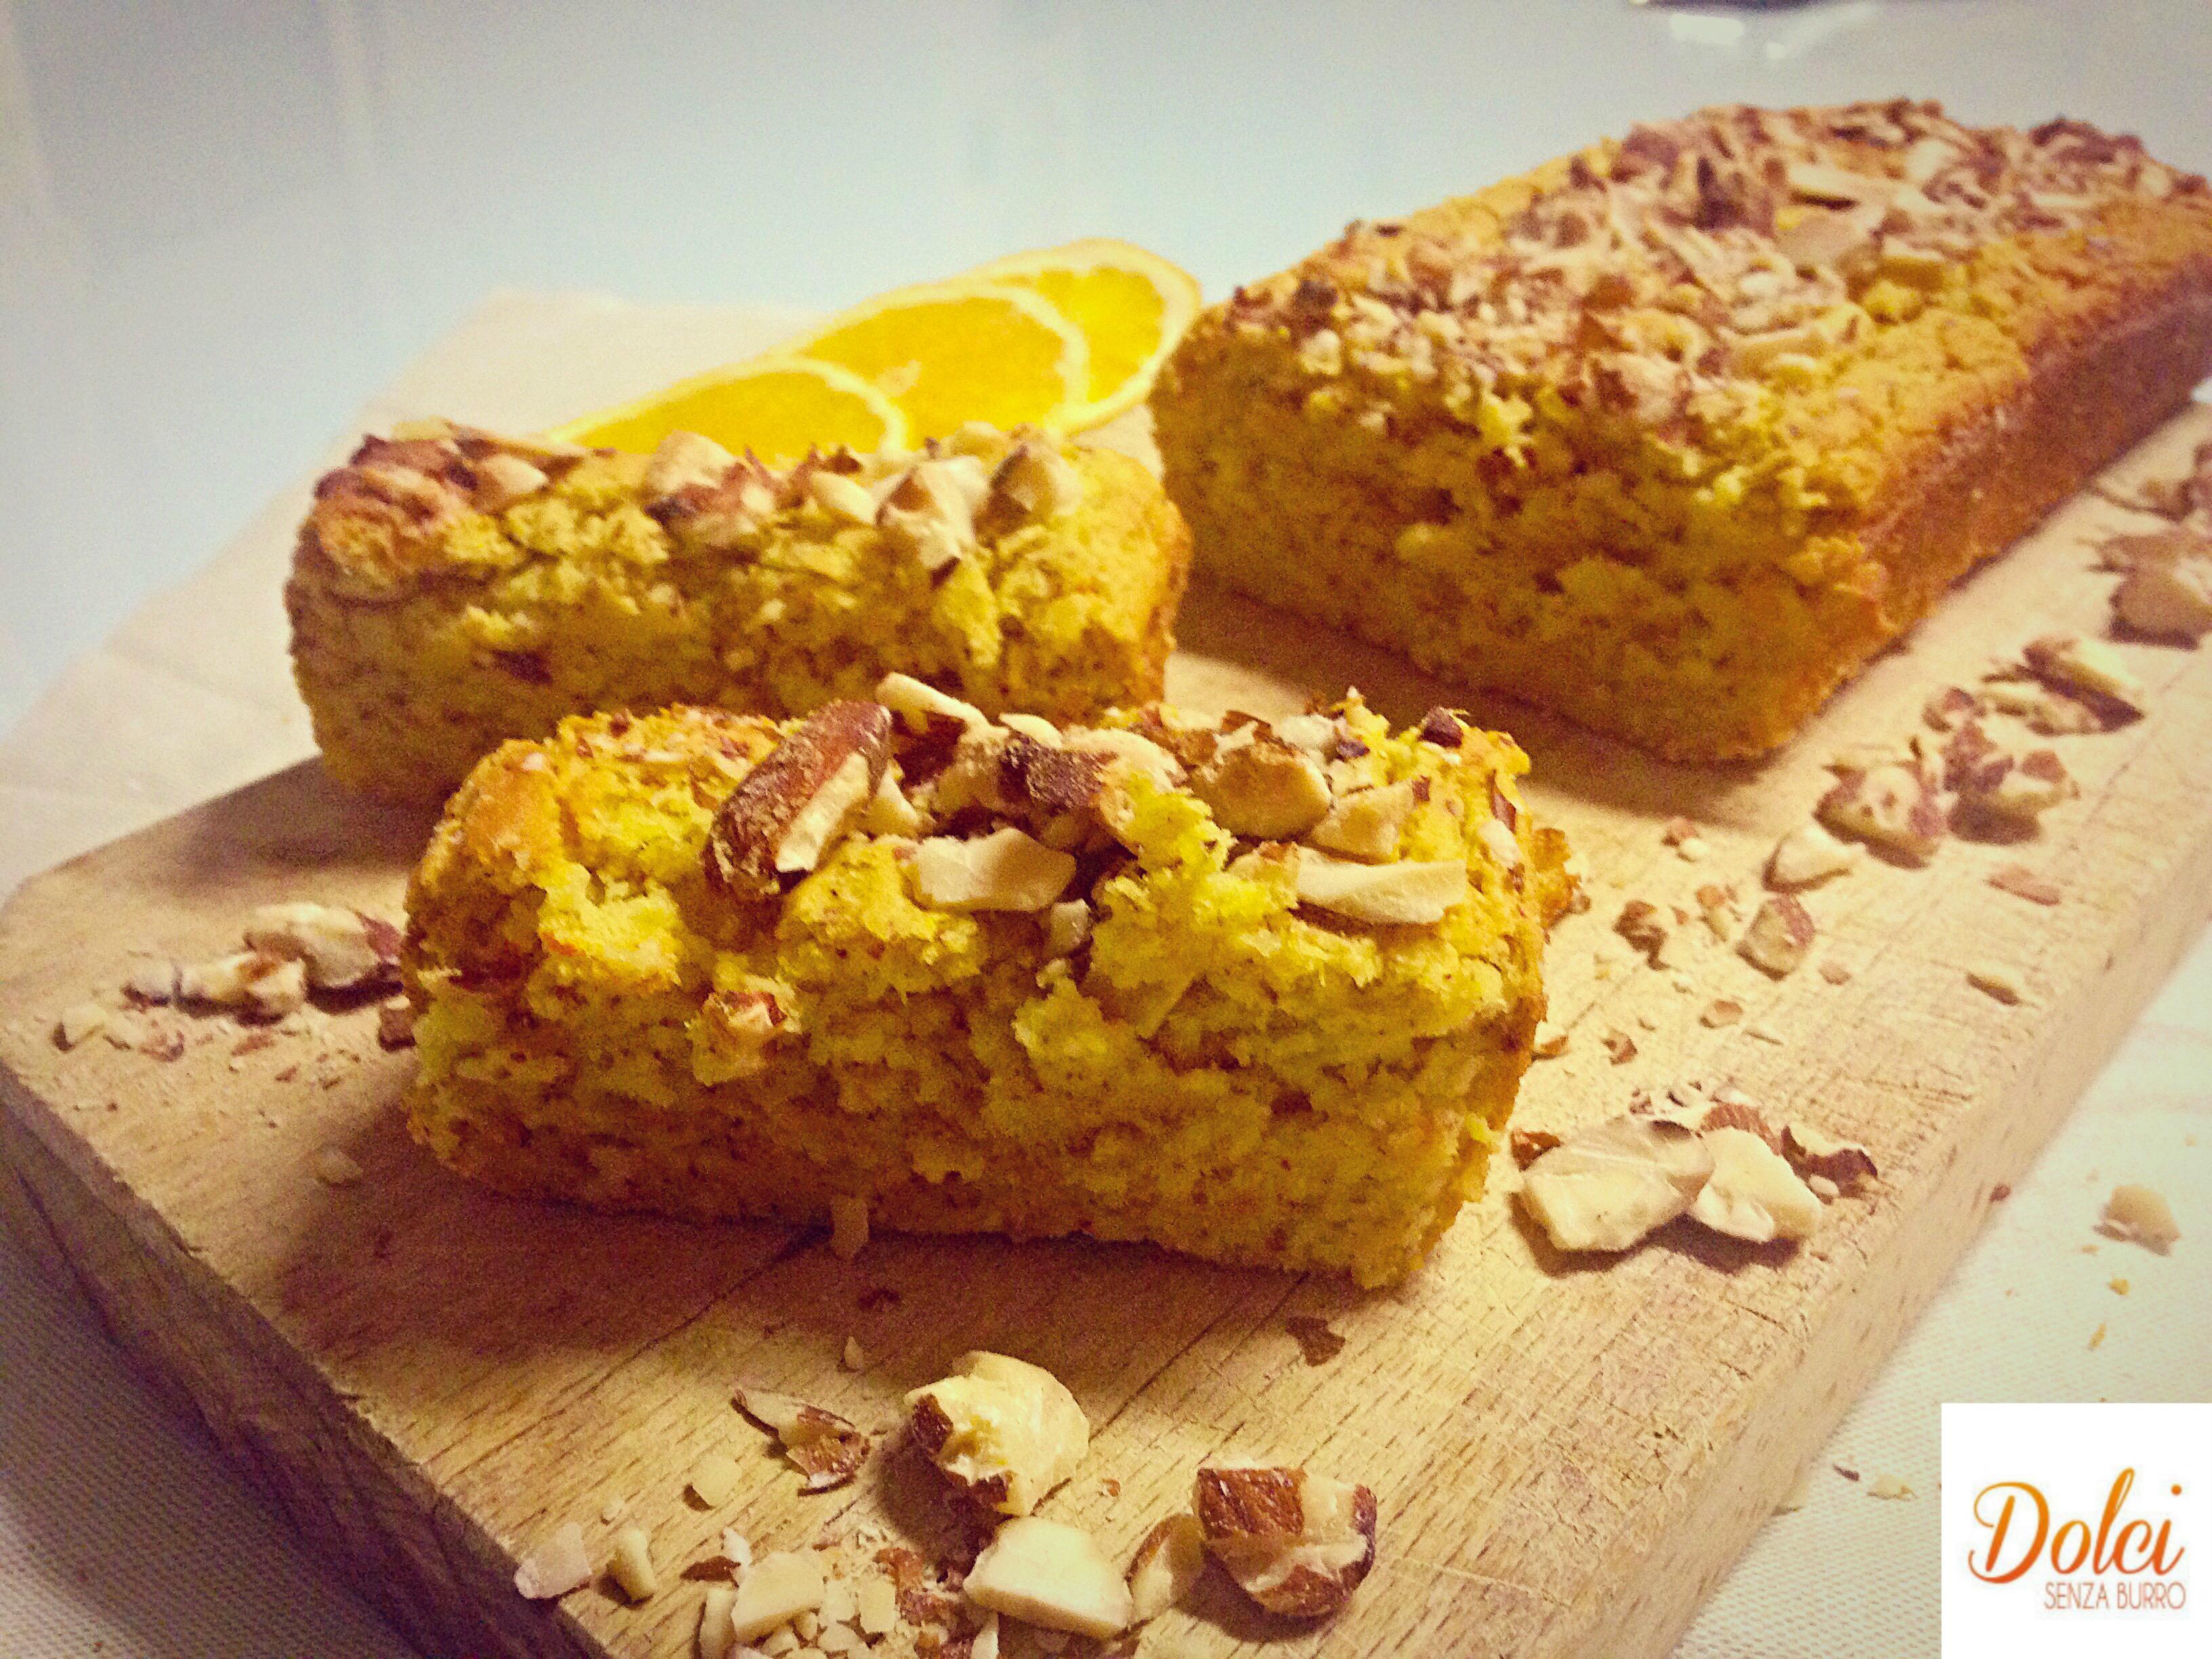 Pan d'Arancio Alle Mandorle Senza Burro, un sapore delicato in un dolce goloso di dolci senza burro